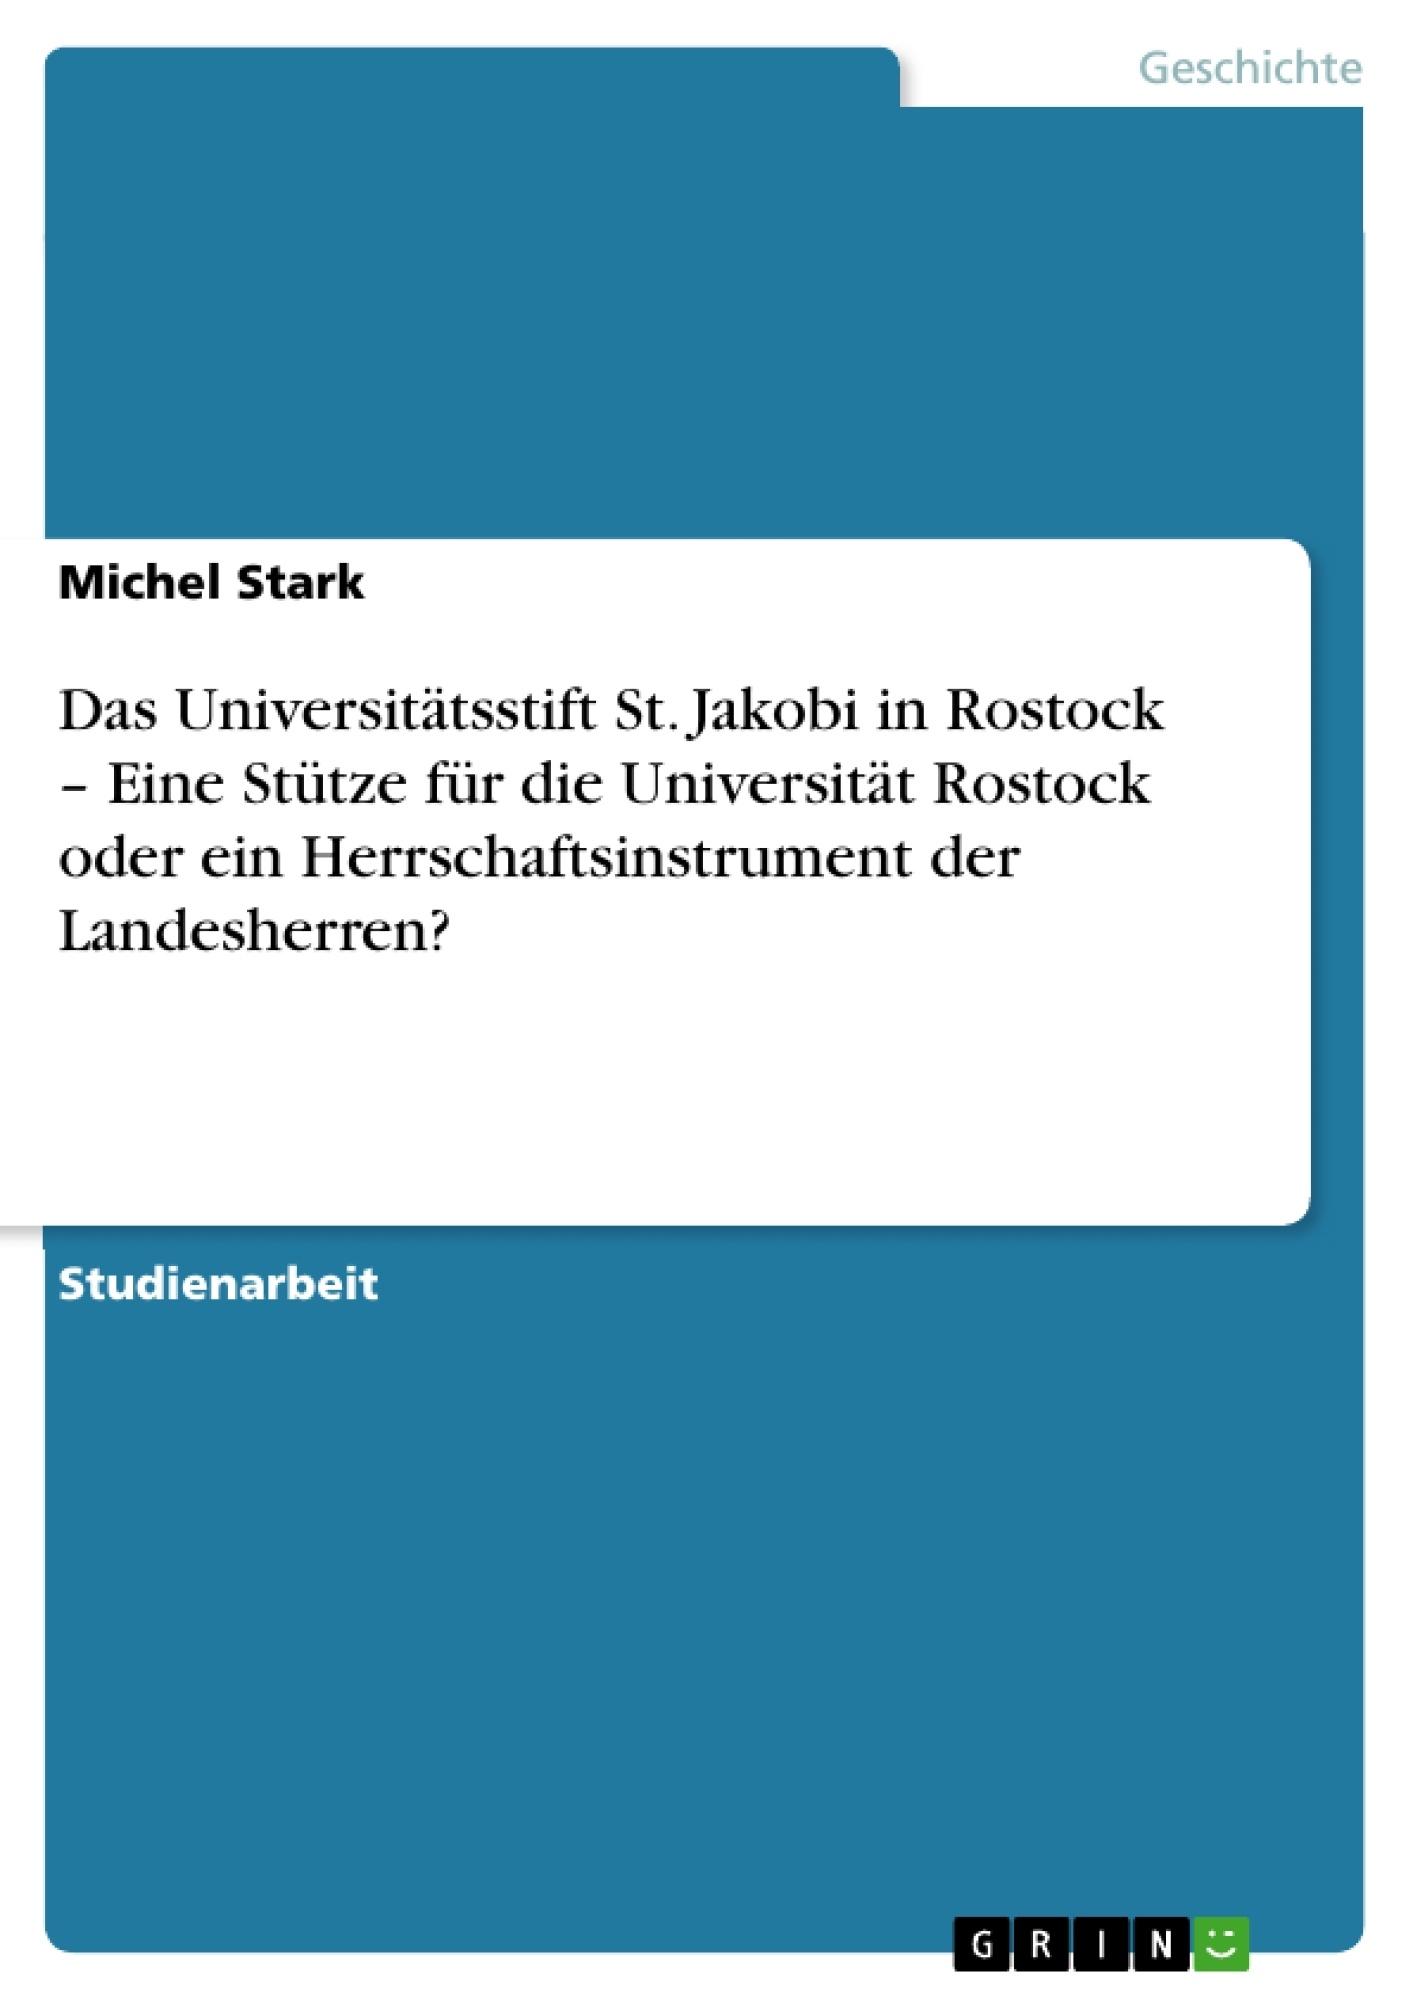 Titel: Das Universitätsstift St. Jakobi in Rostock – Eine Stütze für die Universität Rostock oder ein Herrschaftsinstrument der Landesherren?